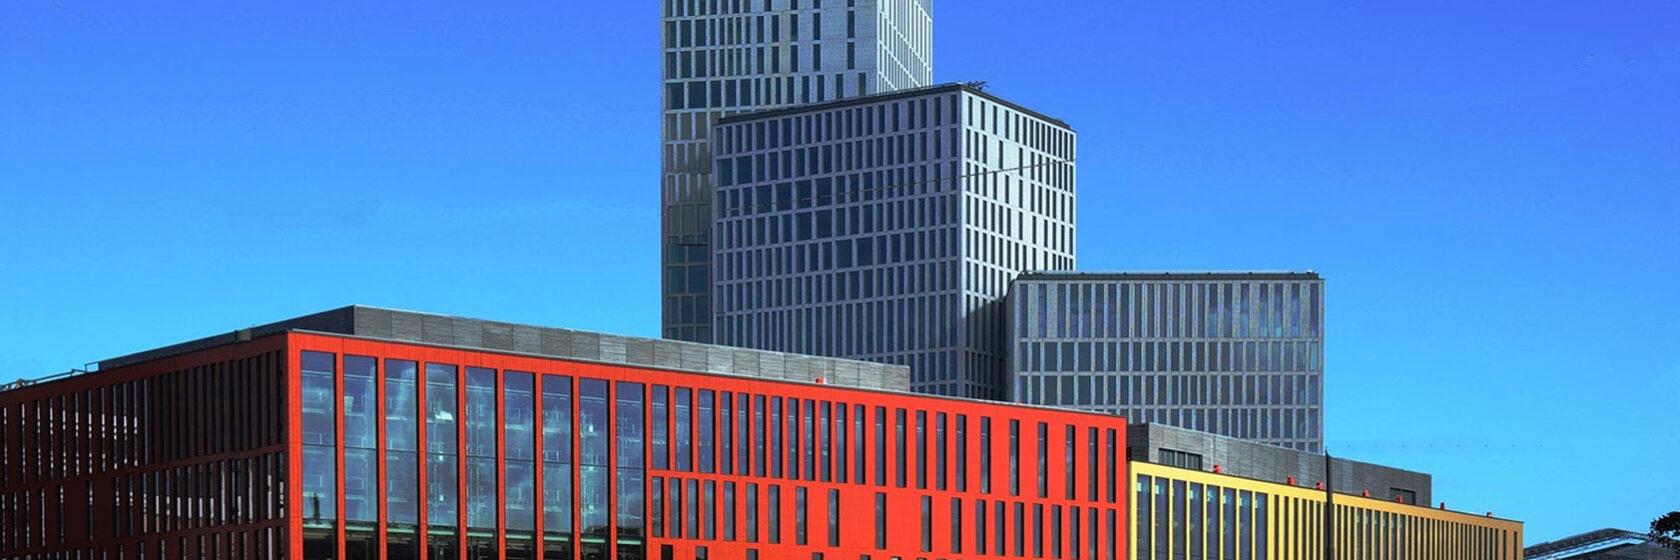 Byggnad i färger